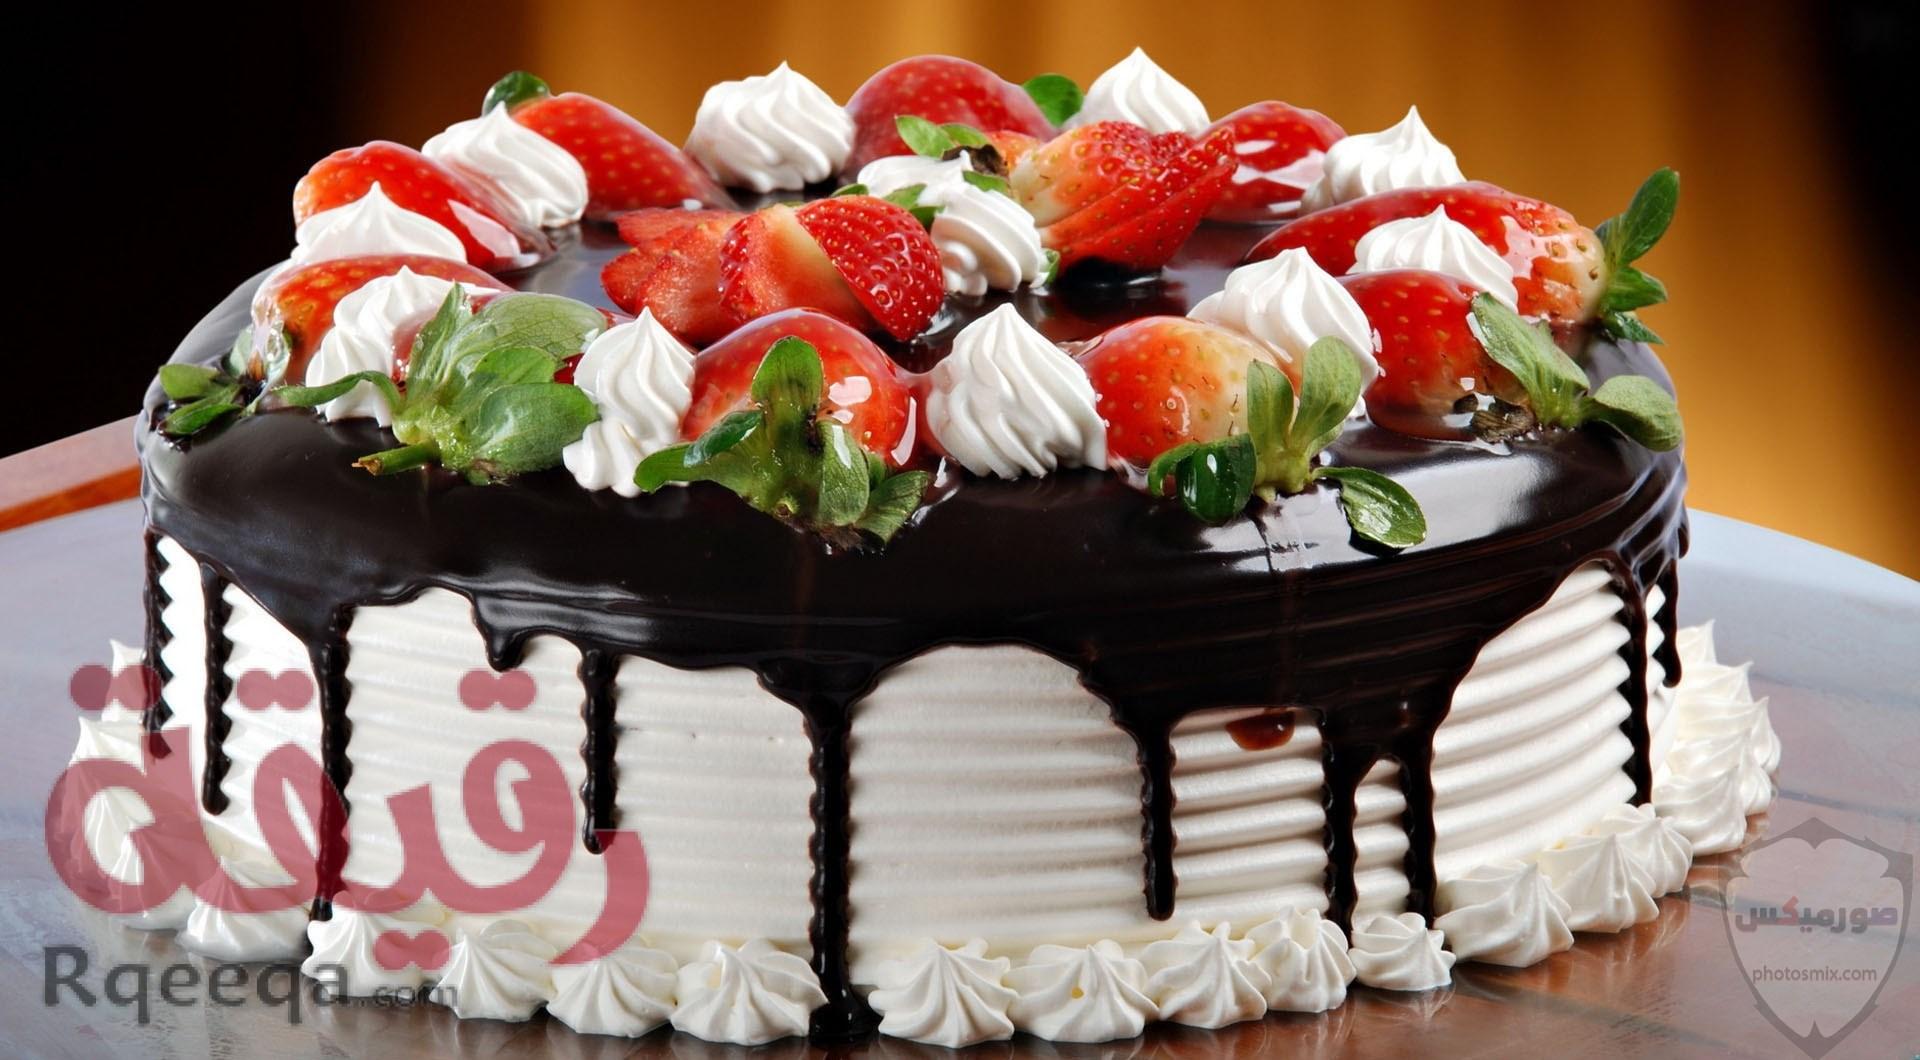 اجمل صور تورتة عيد ميلاد للاحتفال بالحبيب والصديق 8